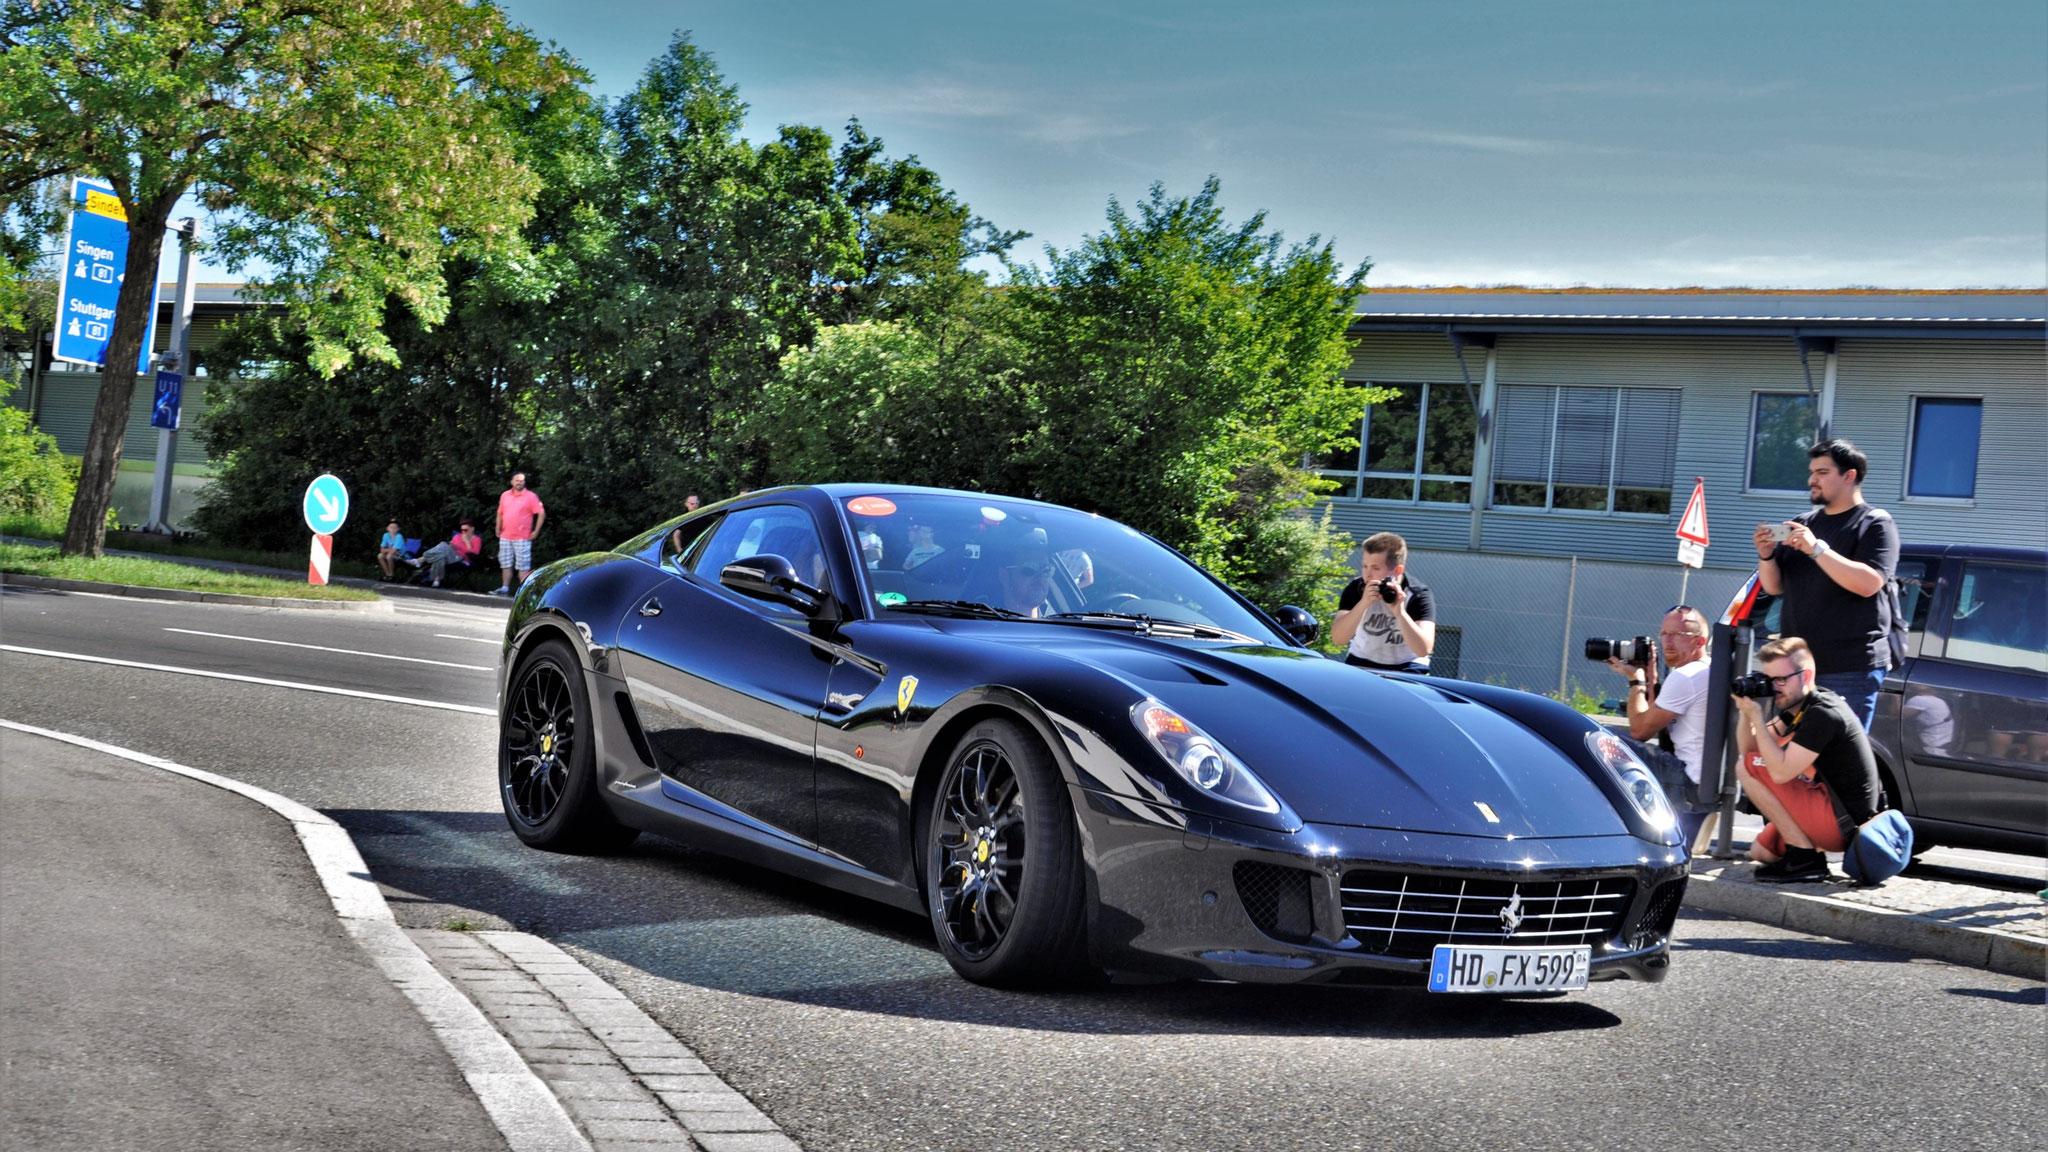 Ferrari 599 GTB - HD-FX-599